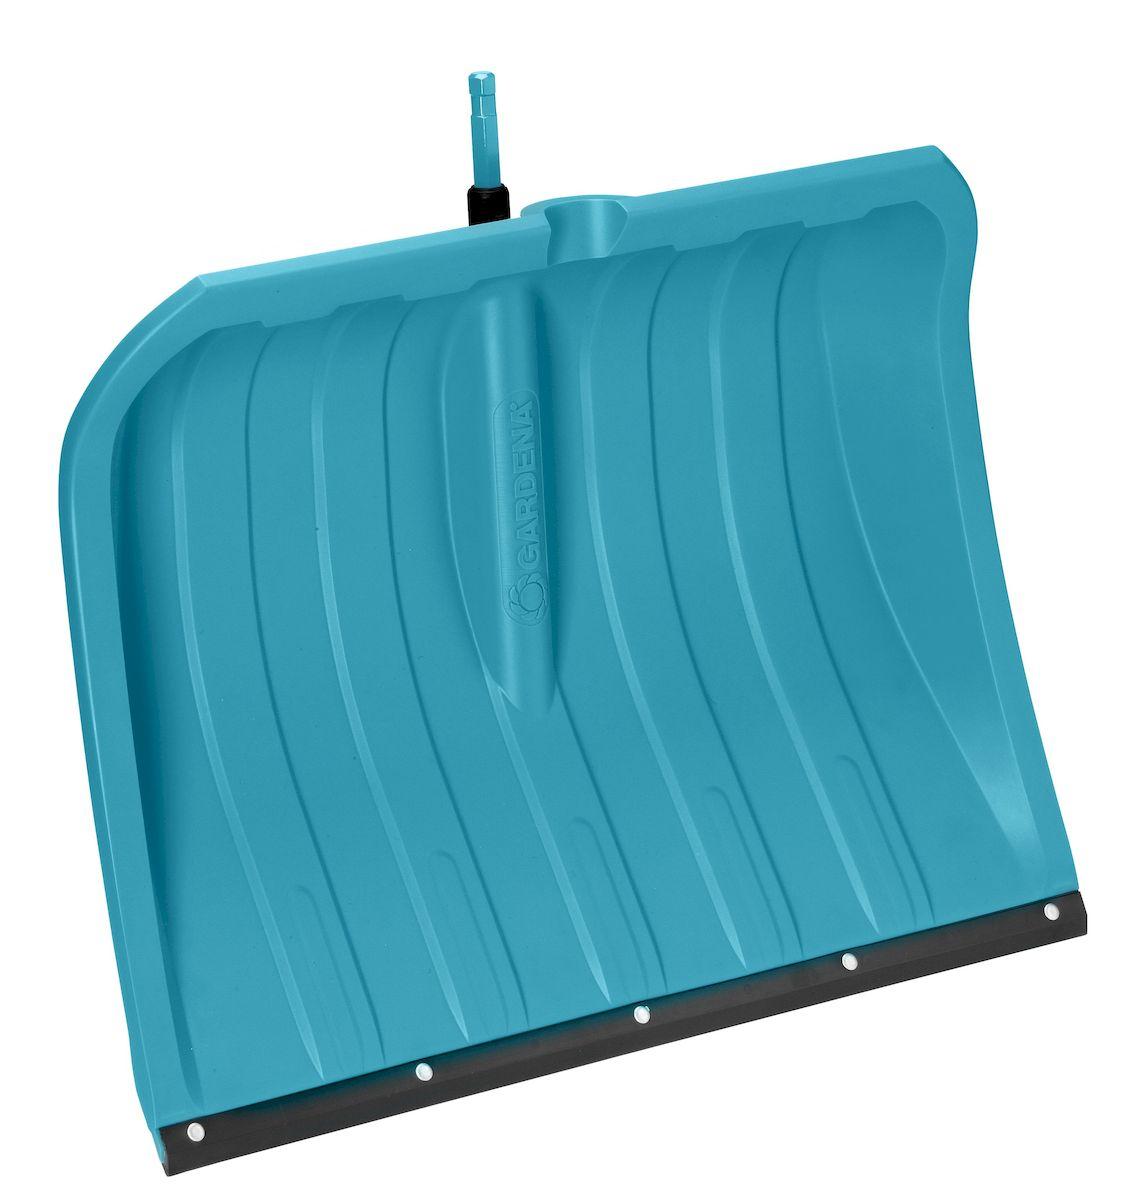 Лопата для уборки снега Gardena, без рукоятки, ширина 50 смRSP-202SЛопата Gardena оптимально подходит для расчистки различных территорий и дорожек от снега. Широкие ребра плаcтикового полотна обеспечивают легкое скольжение лопаты, а гладкая структура поверхности полотна предотвращает налипание снега. Высокие боковые стенки позволяют легко удерживать снег на лопате во время переноски, при этом снег не соскальзывает сбоку. Пластиковое полотно чрезвычайно устойчиво к воздействию солей и выдерживает отрицательные температуры до - 40°С.Лопата для уборки снега Gardena является частью комбисистемы и подходит ко всем ручкам комбисистемы Gardena.